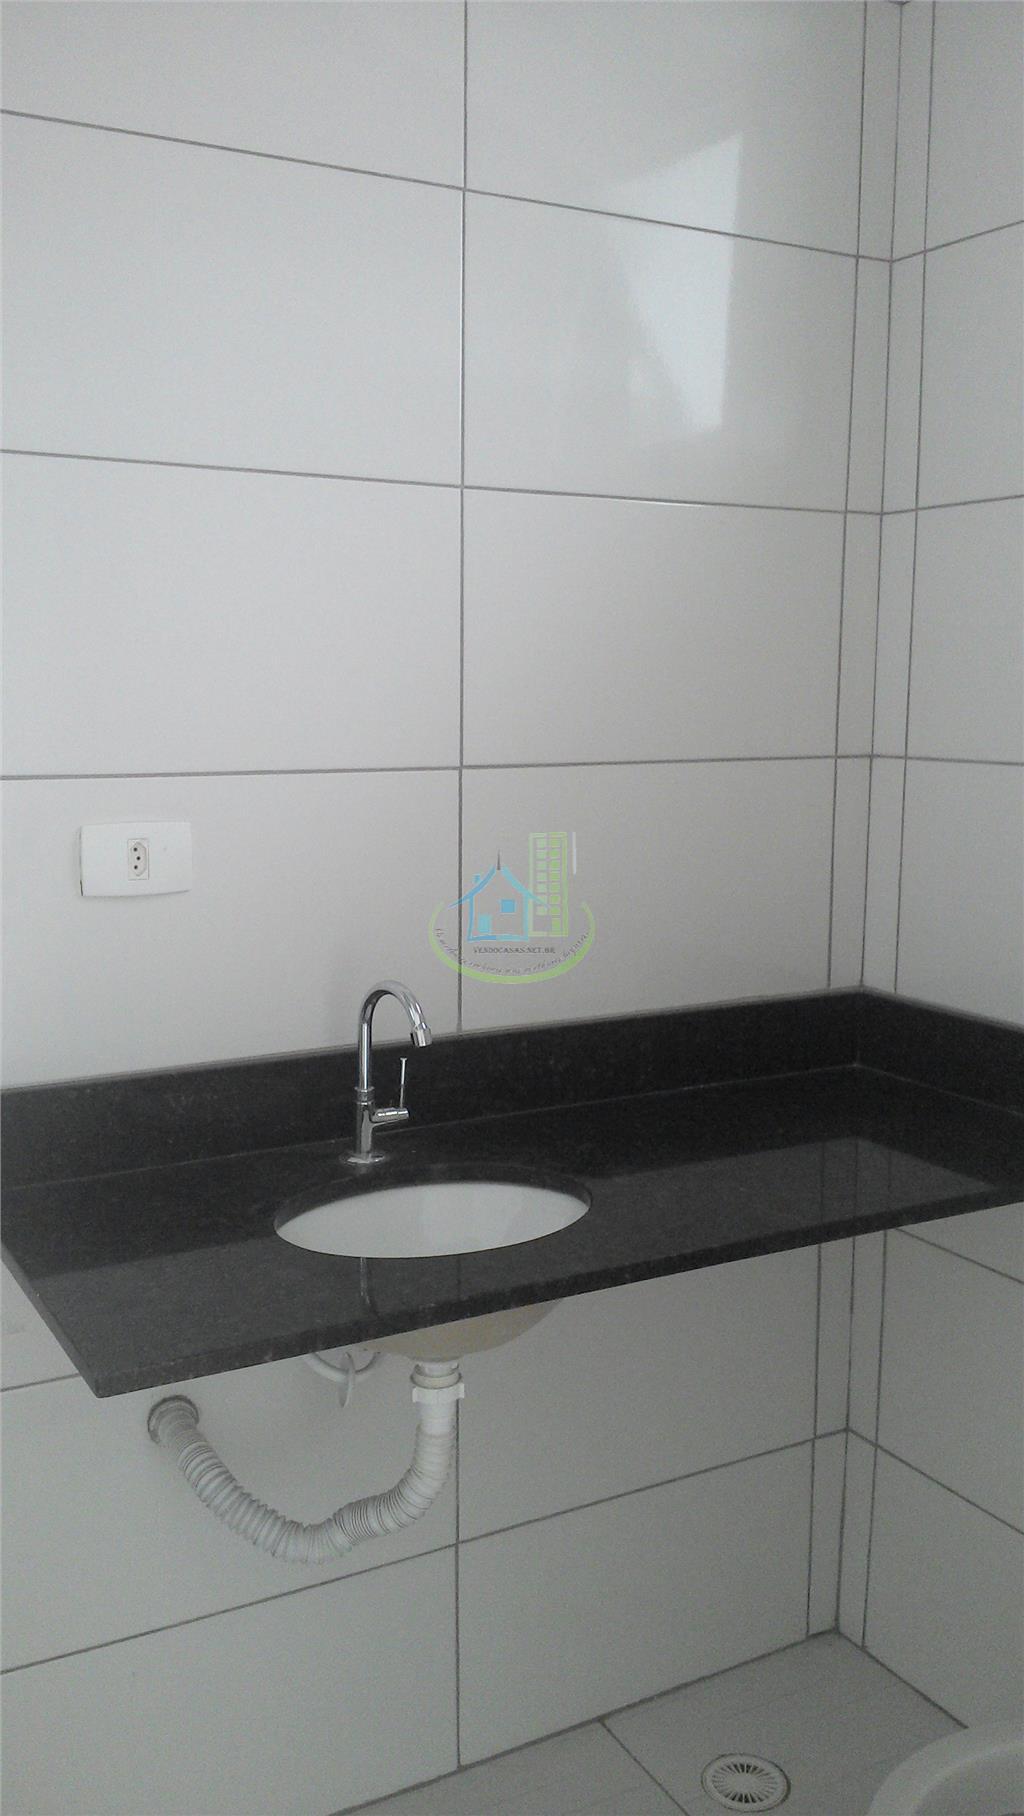 Sobrado de 3 dormitórios à venda em Cidade Ademar, São Paulo - SP